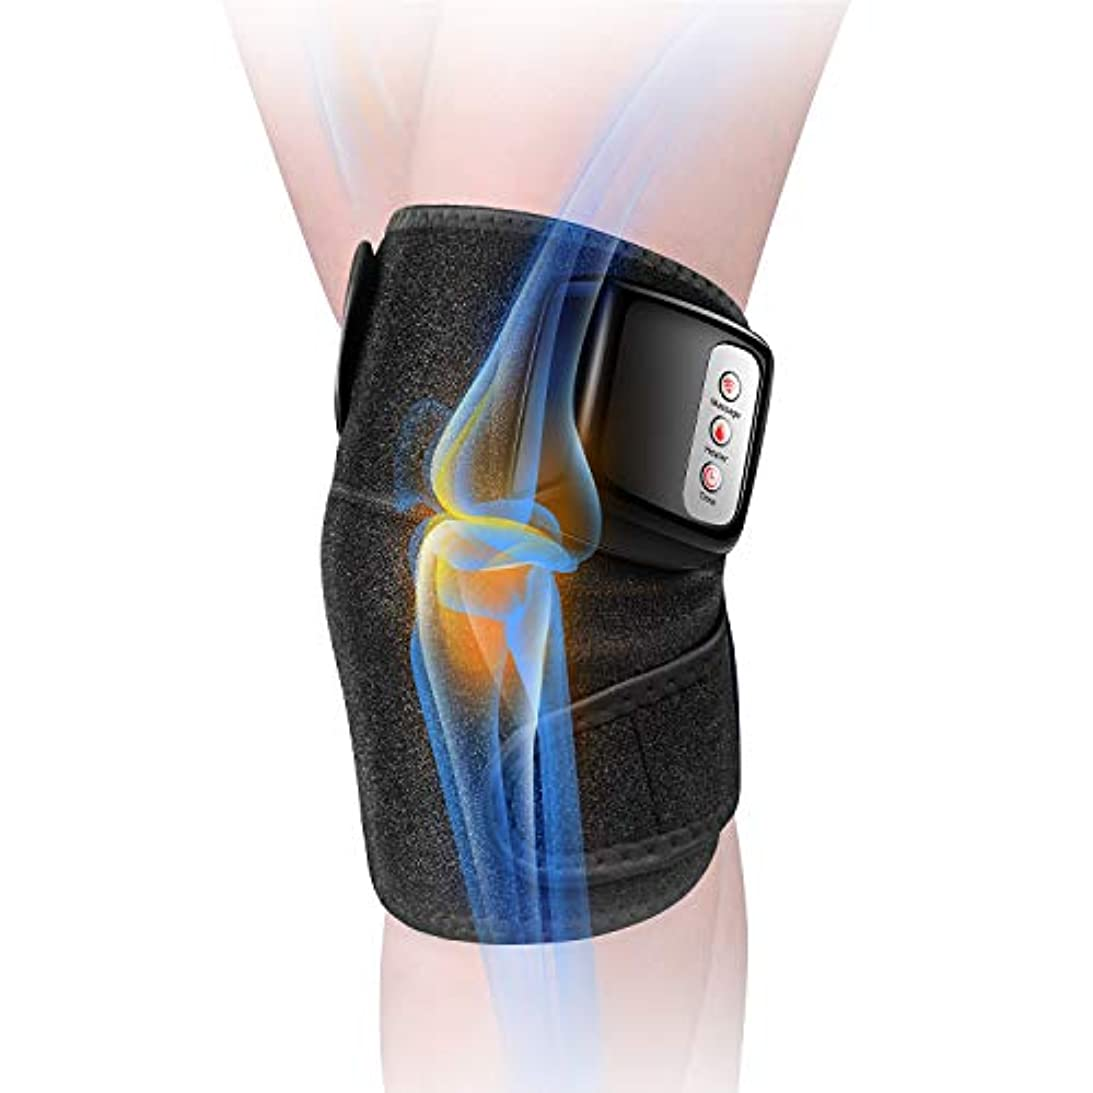 松の木活気づく抵抗膝マッサージャー 関節マッサージャー マッサージ器 フットマッサージャー 振動 赤外線療法 温熱療法 膝サポーター ストレス解消 肩 太もも/腕対応